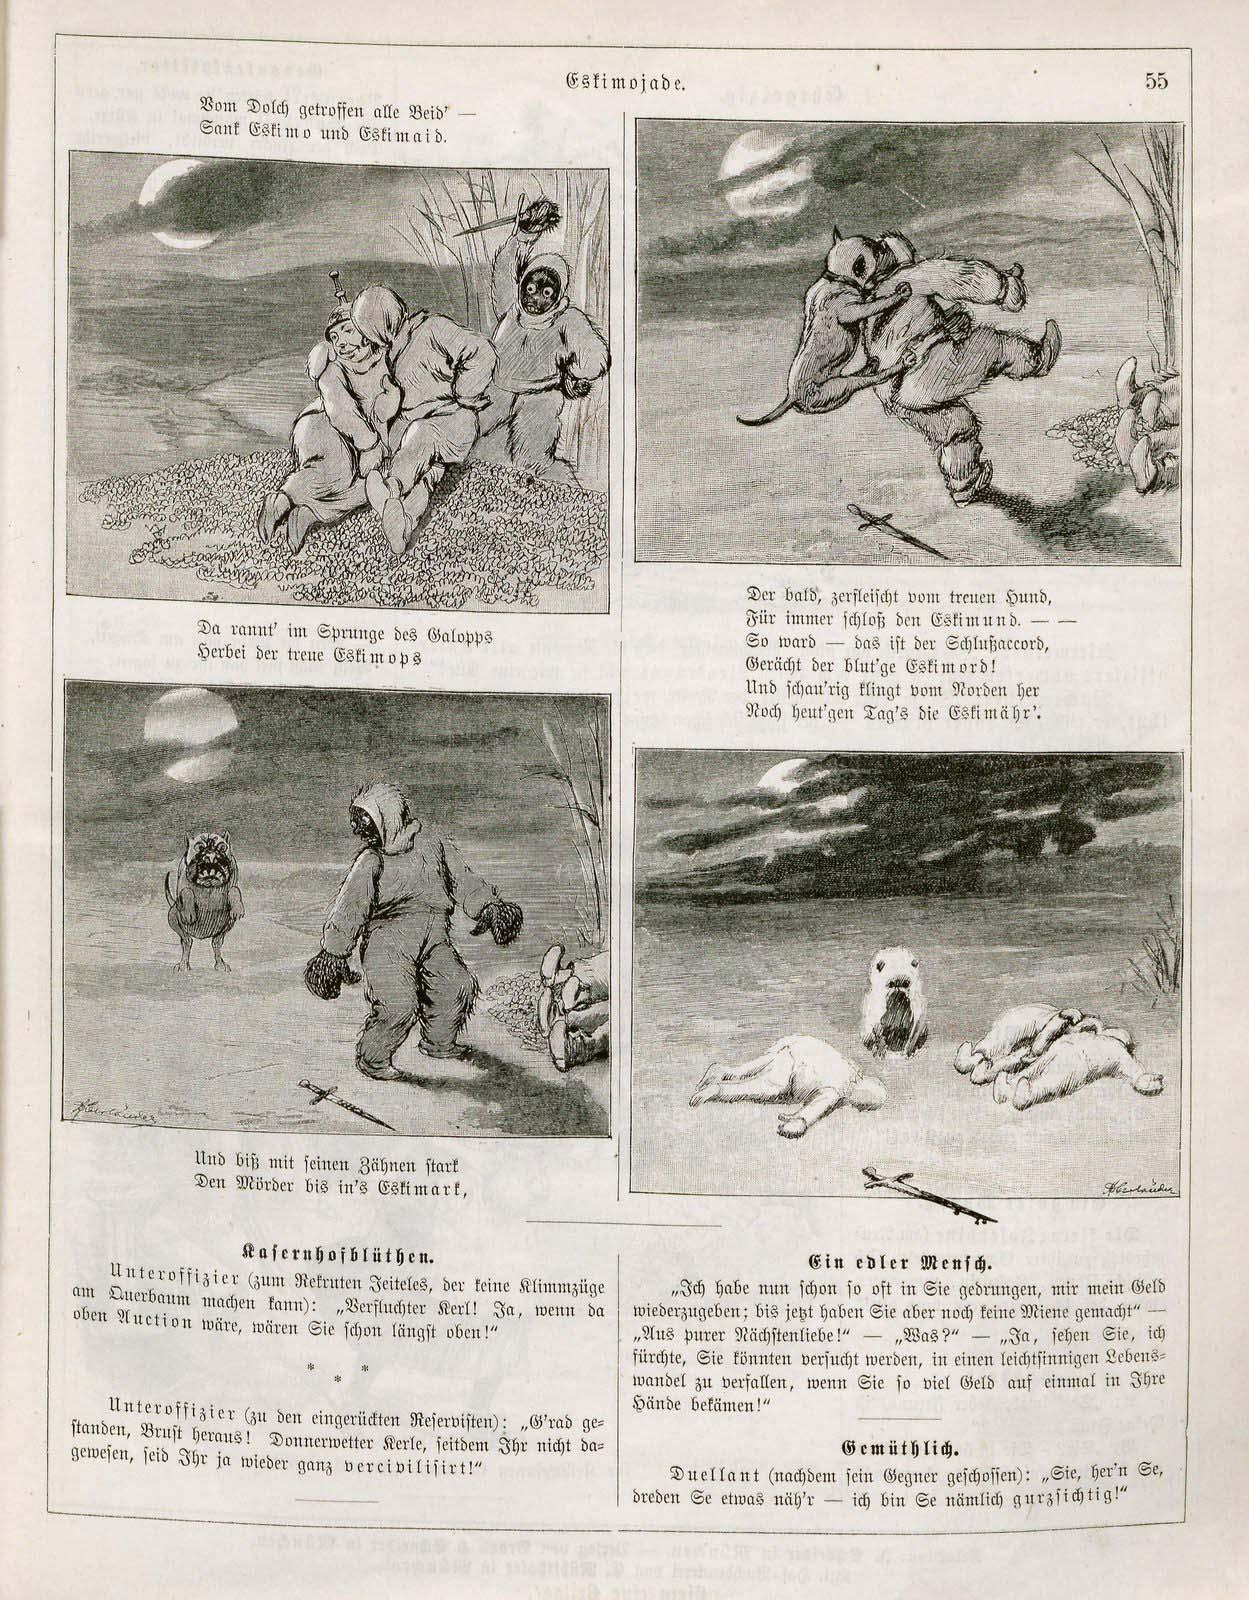 Adolf Oberländer, Eskimojade, Fliegende Blätter 1889, 2